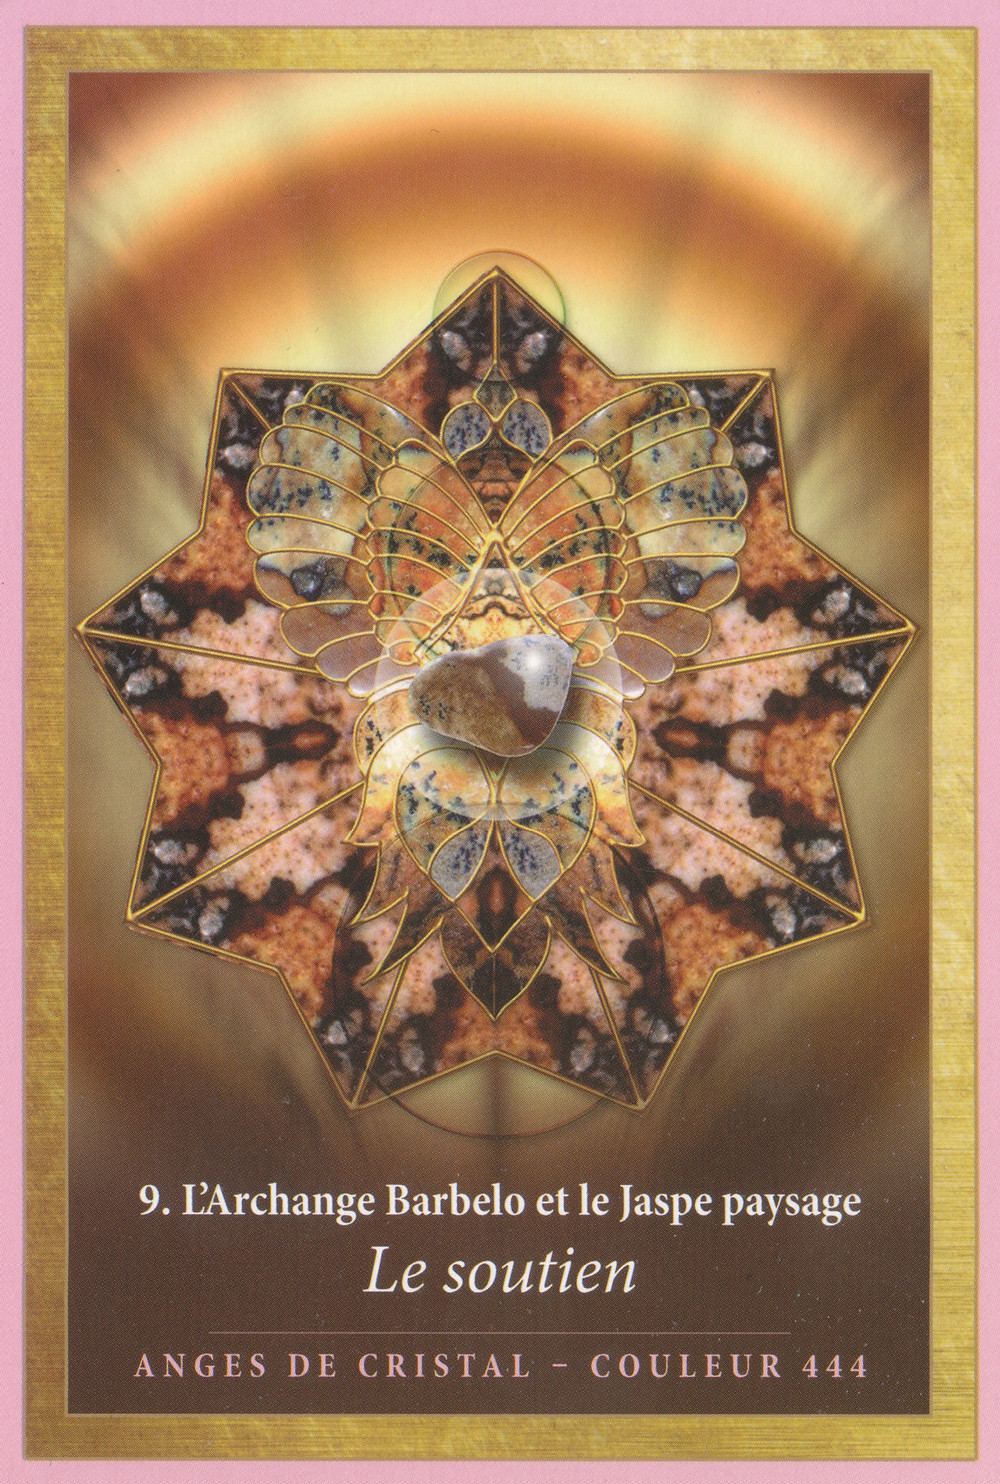 Carte de L'Energie des Anges et des Cristaux d'Alana Fairchild - 09 - Le soutien - Energies du 22-23-24 novembre 2019 : Transcender ses limites au Bonheur pour Ouvrir ses ailes...